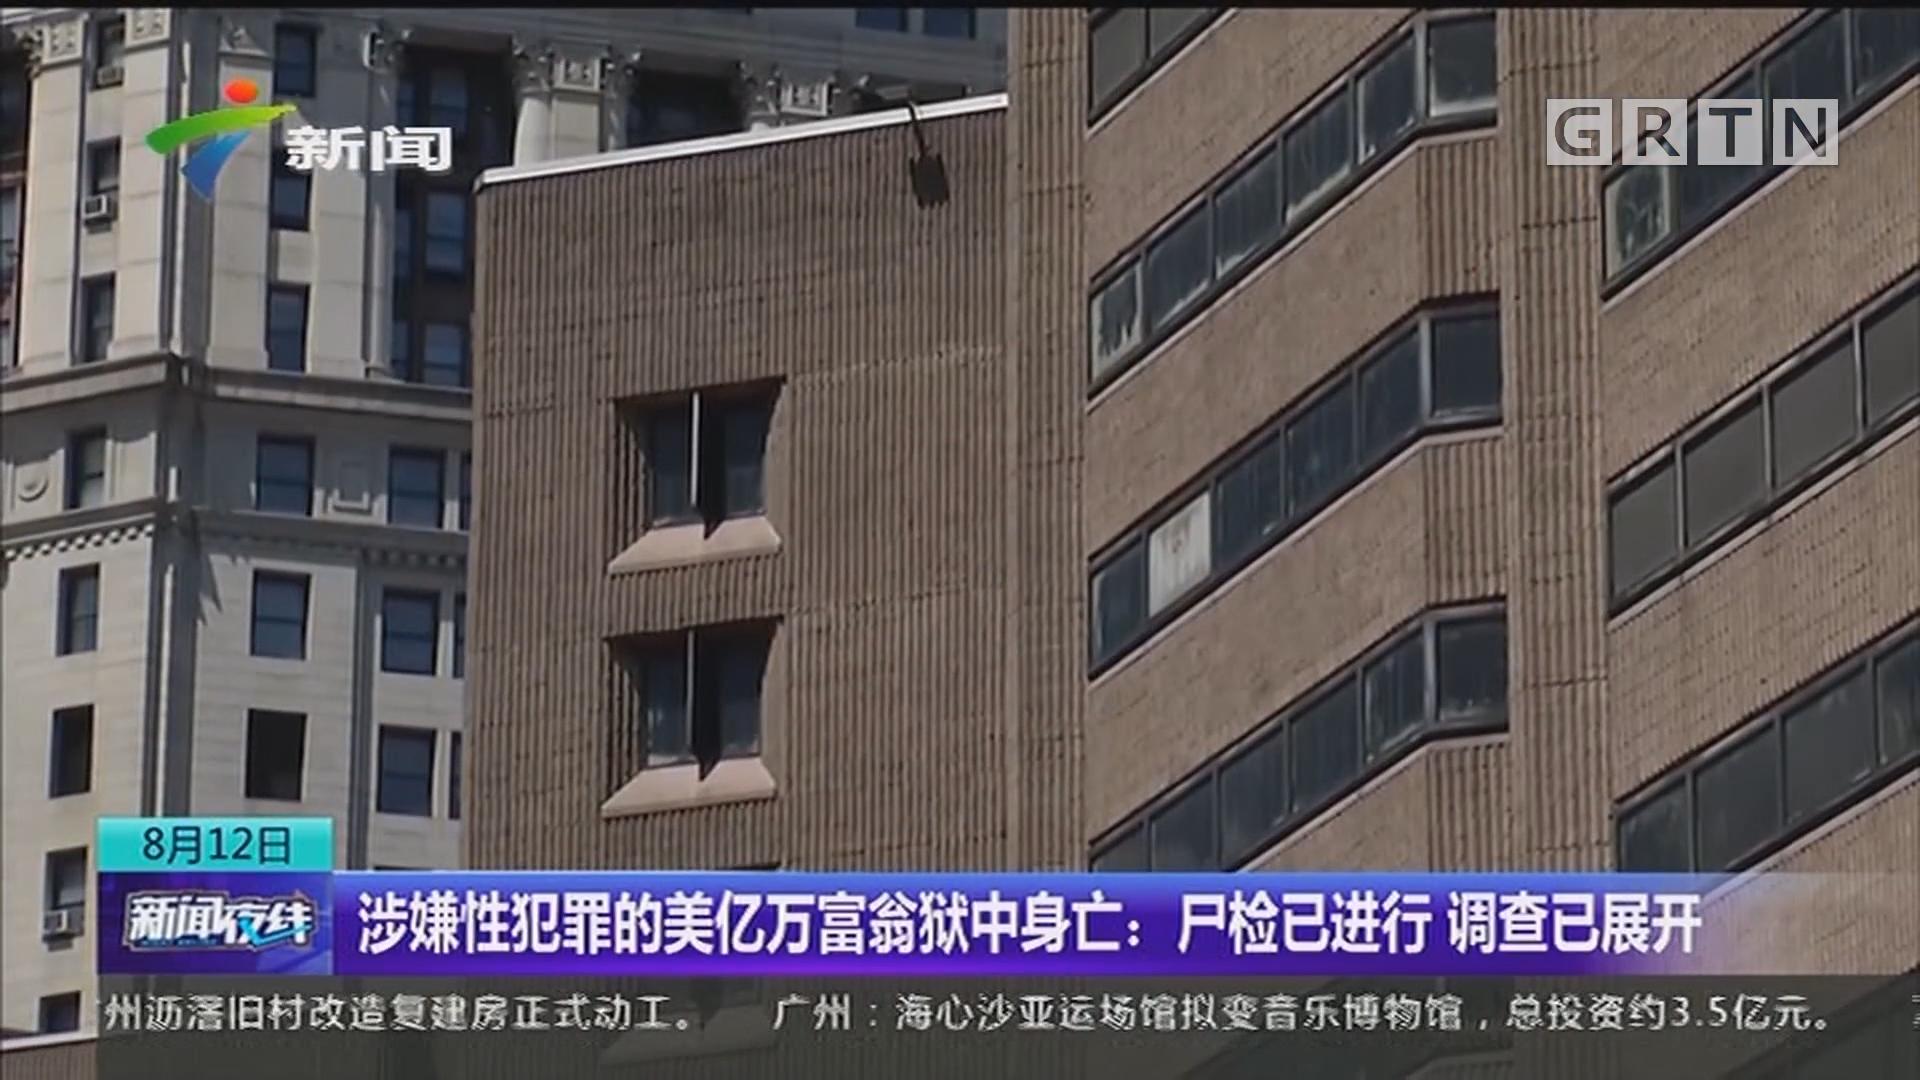 涉嫌性犯罪的美亿万富翁狱中身亡:尸检已进行 调查已展开